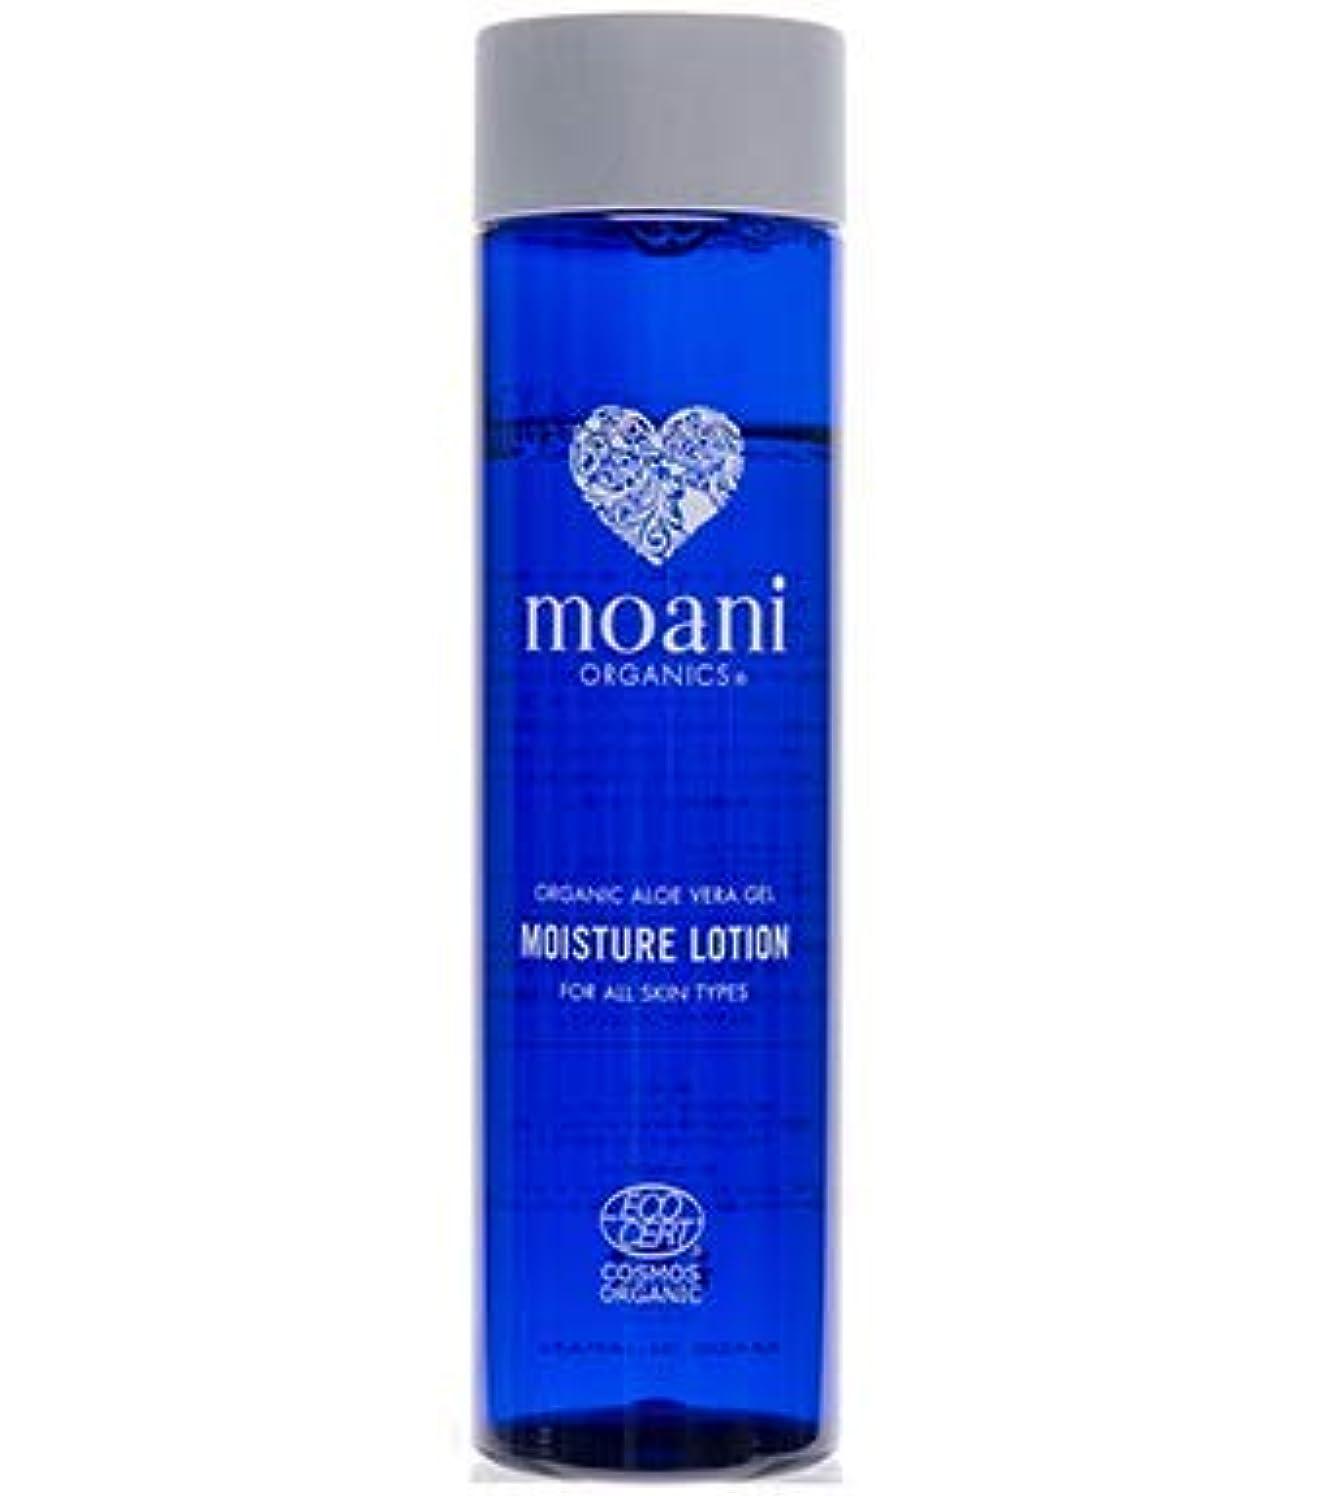 展望台壮大な私のmoani 保湿化粧水